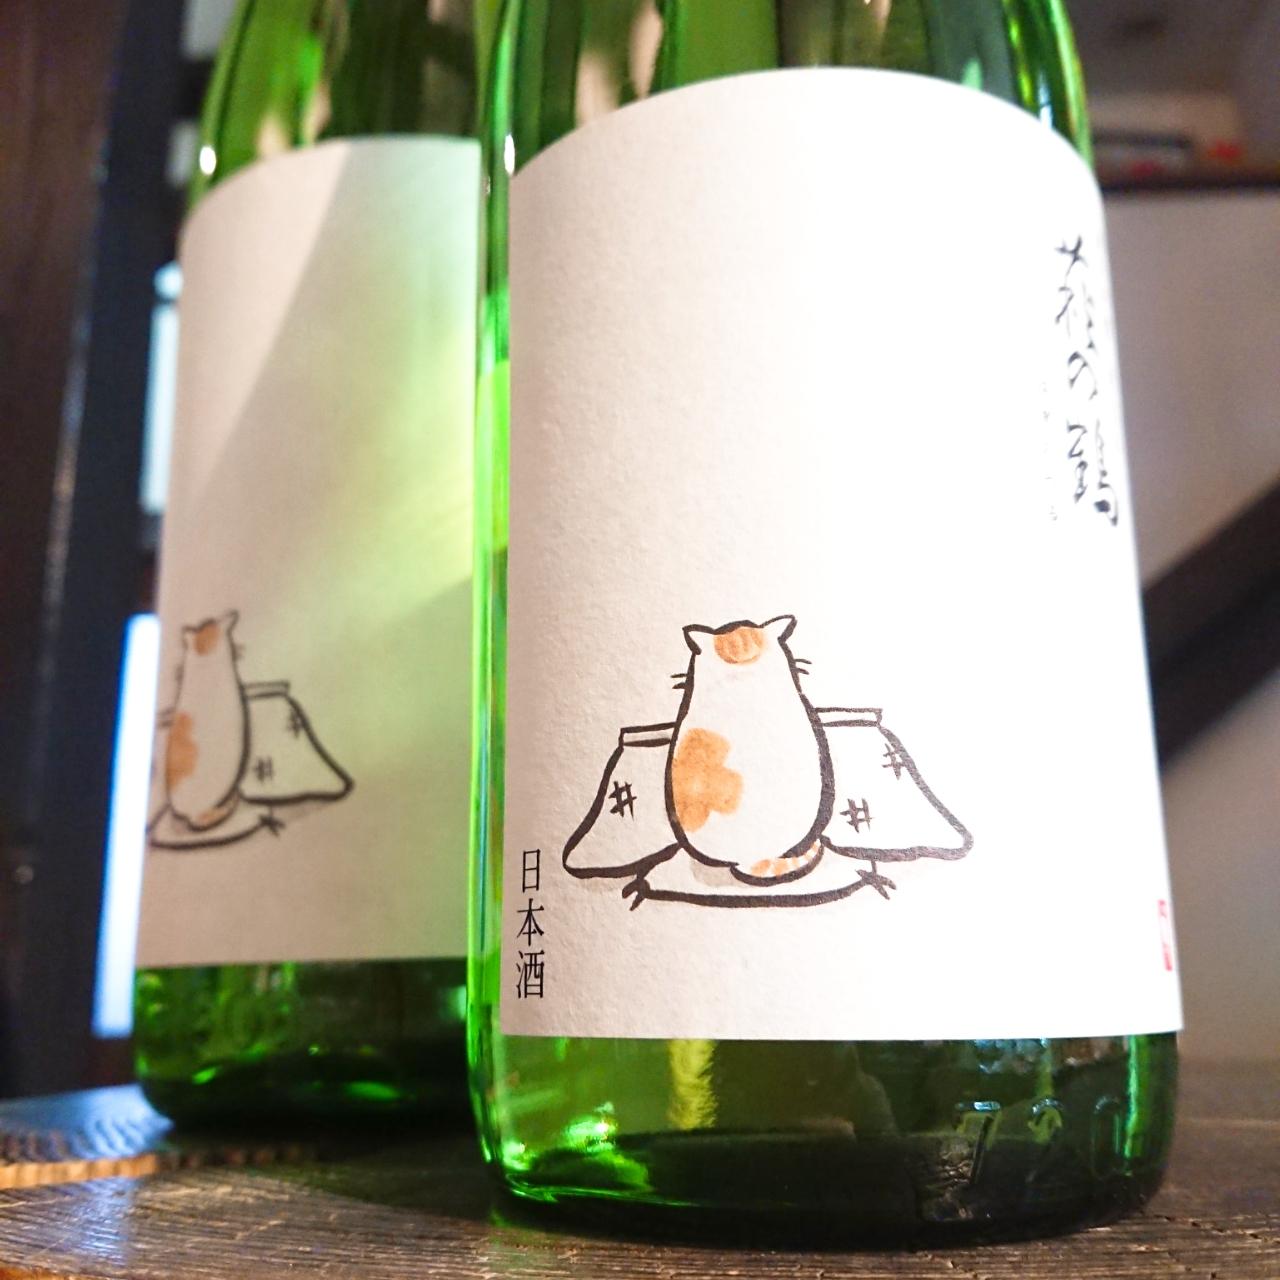 【新酒】萩の鶴 こたつ猫 純米吟醸別仕込(一回火入)~冬のあったか癒しネコ☆風物詩~